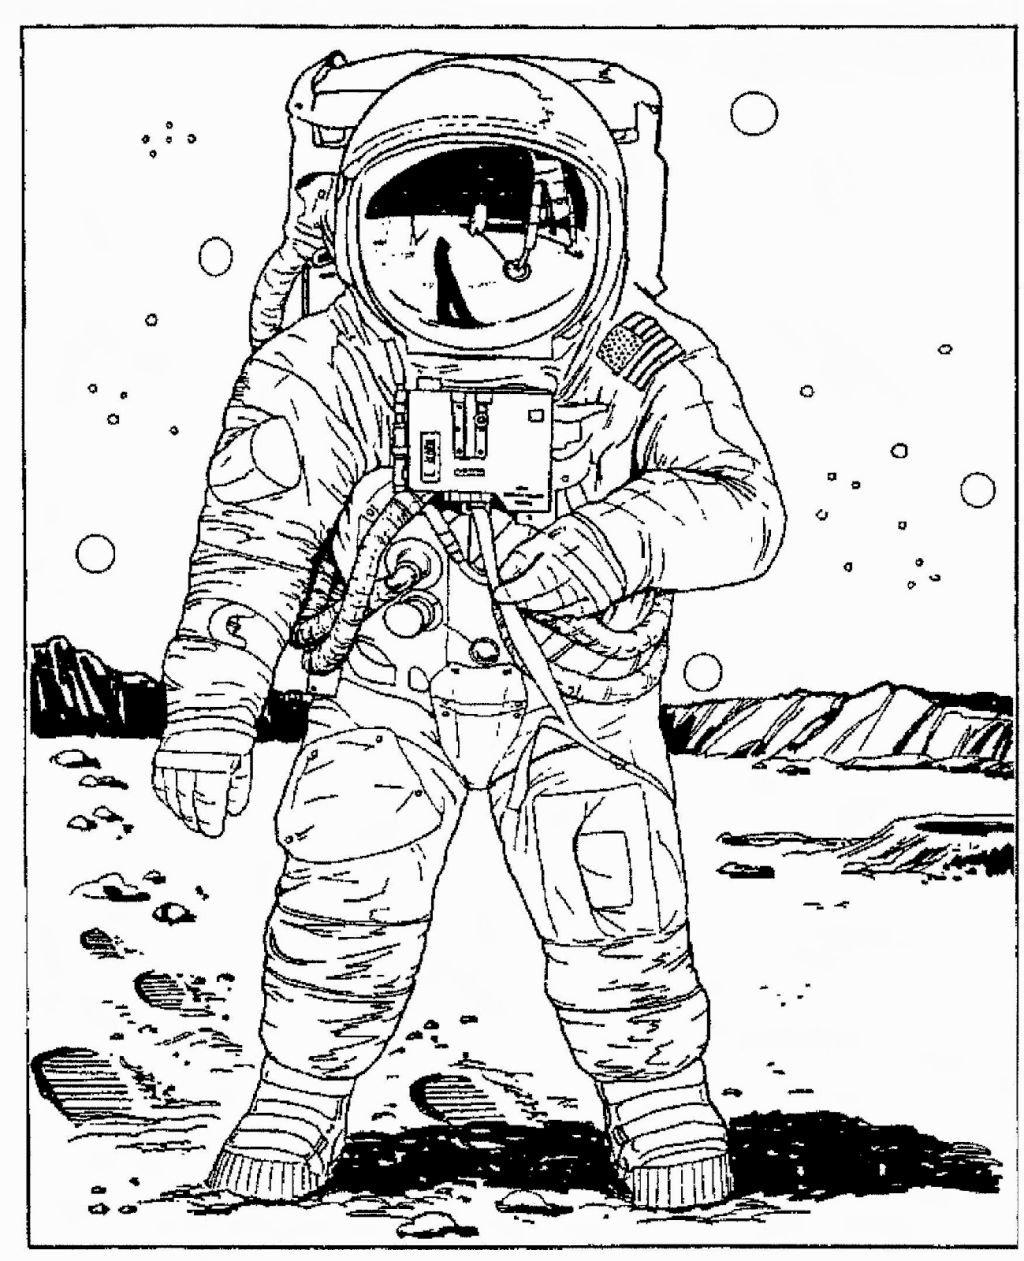 Открытки, картинки человек в космосе раскраски